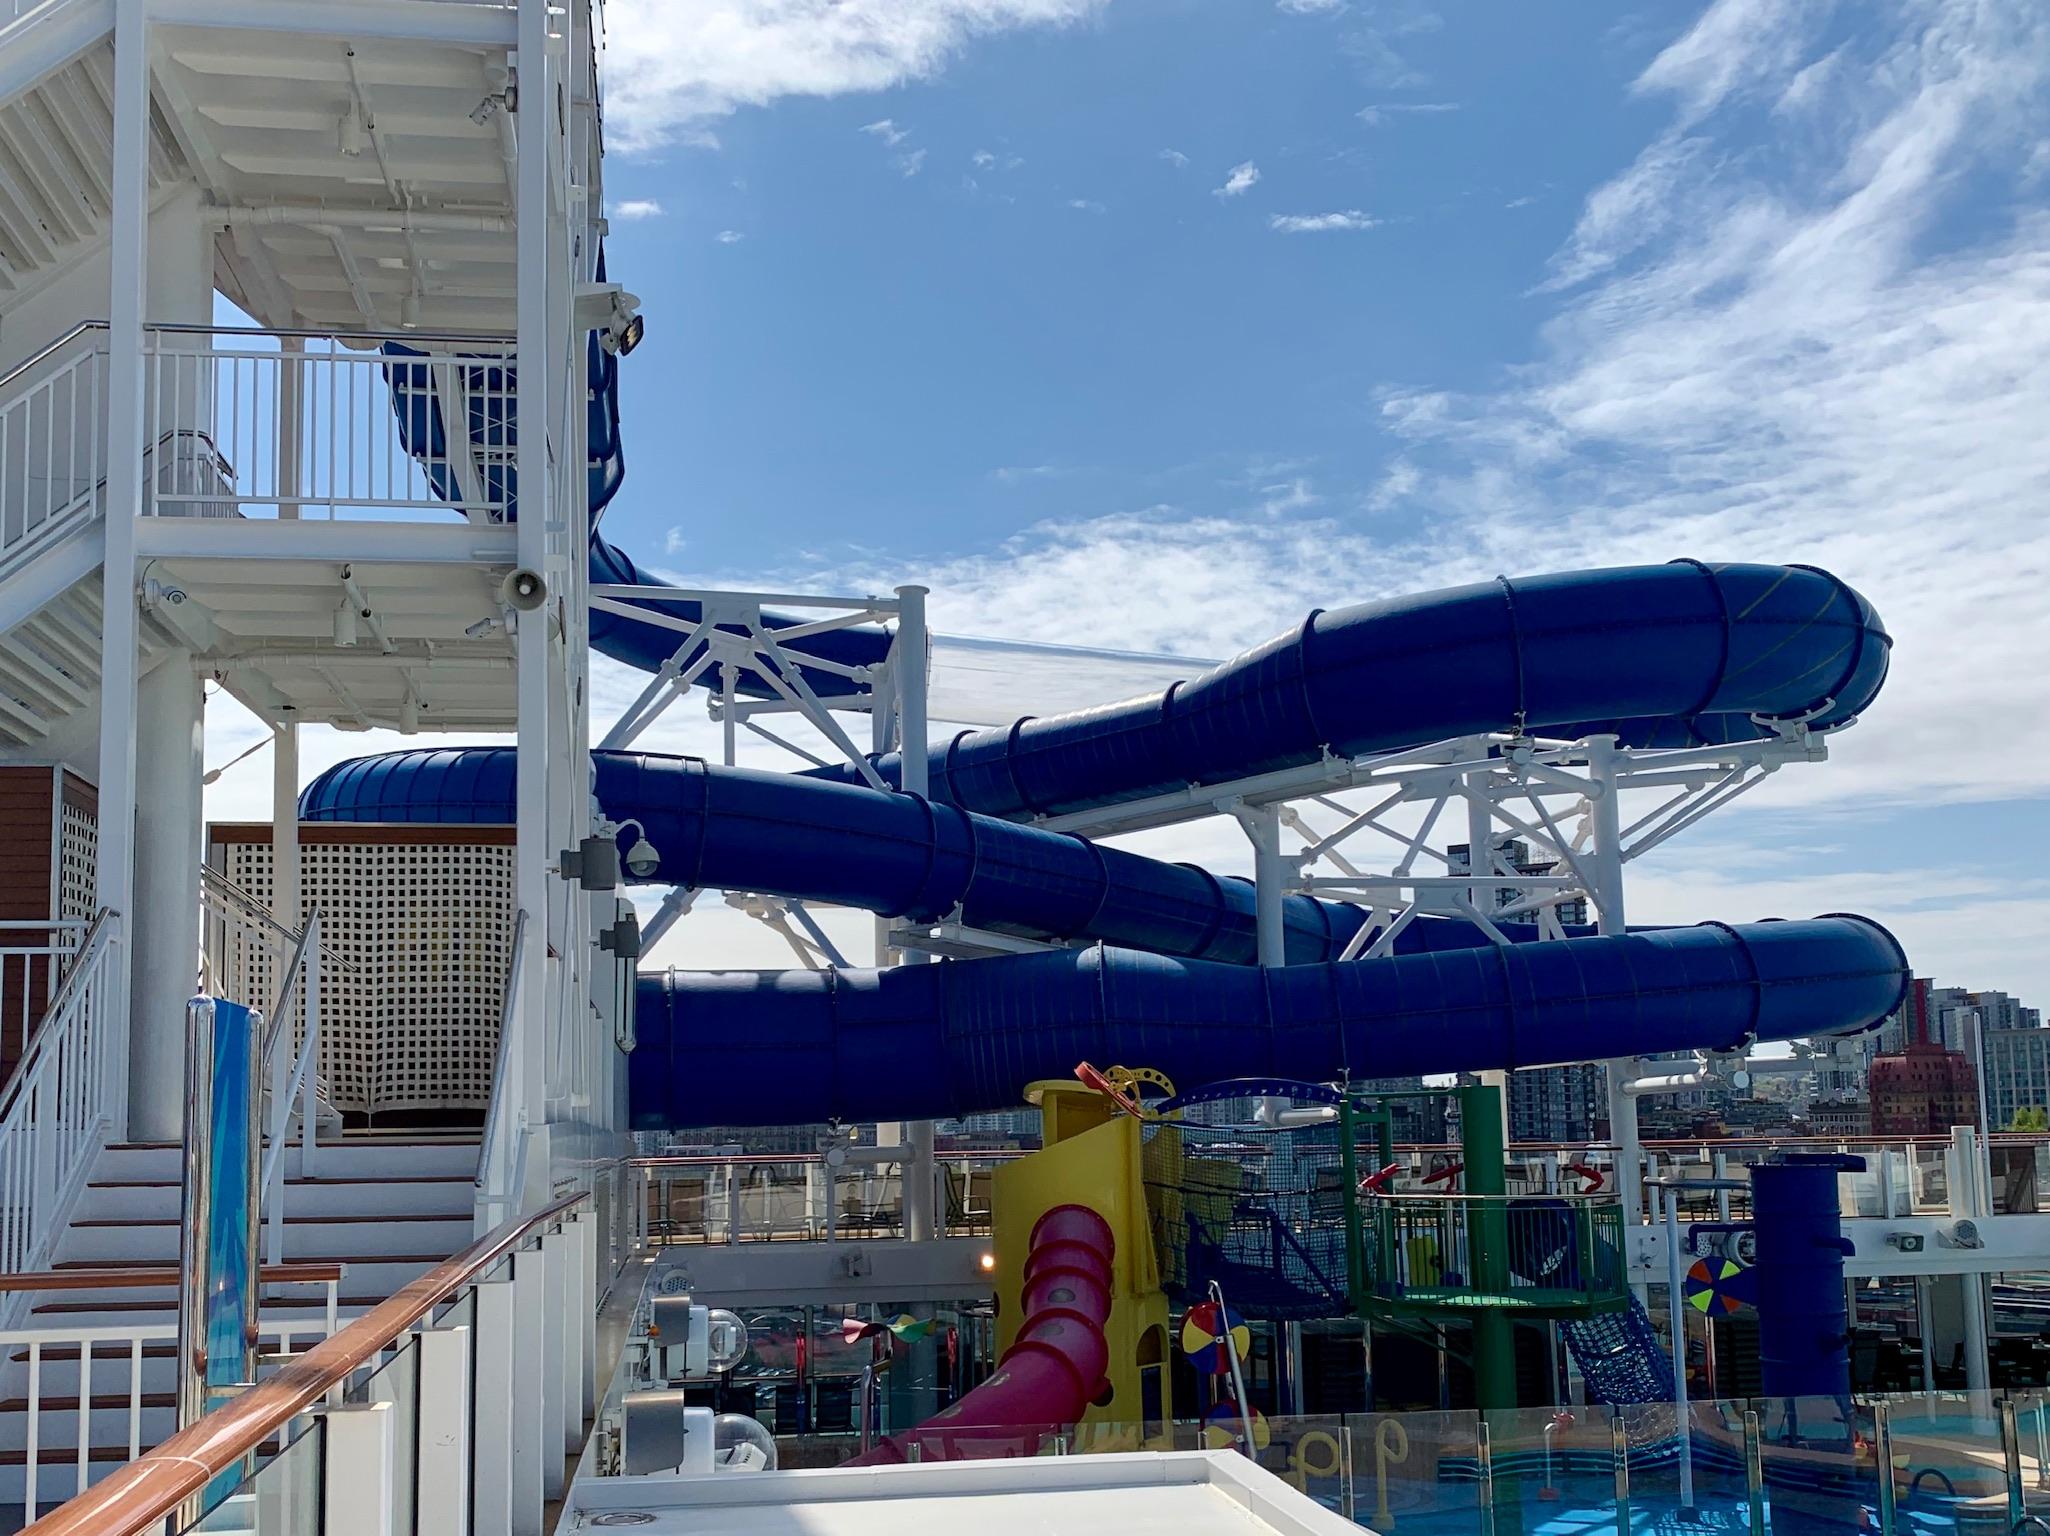 NCL Joy Pool Deck Water Park Slide View